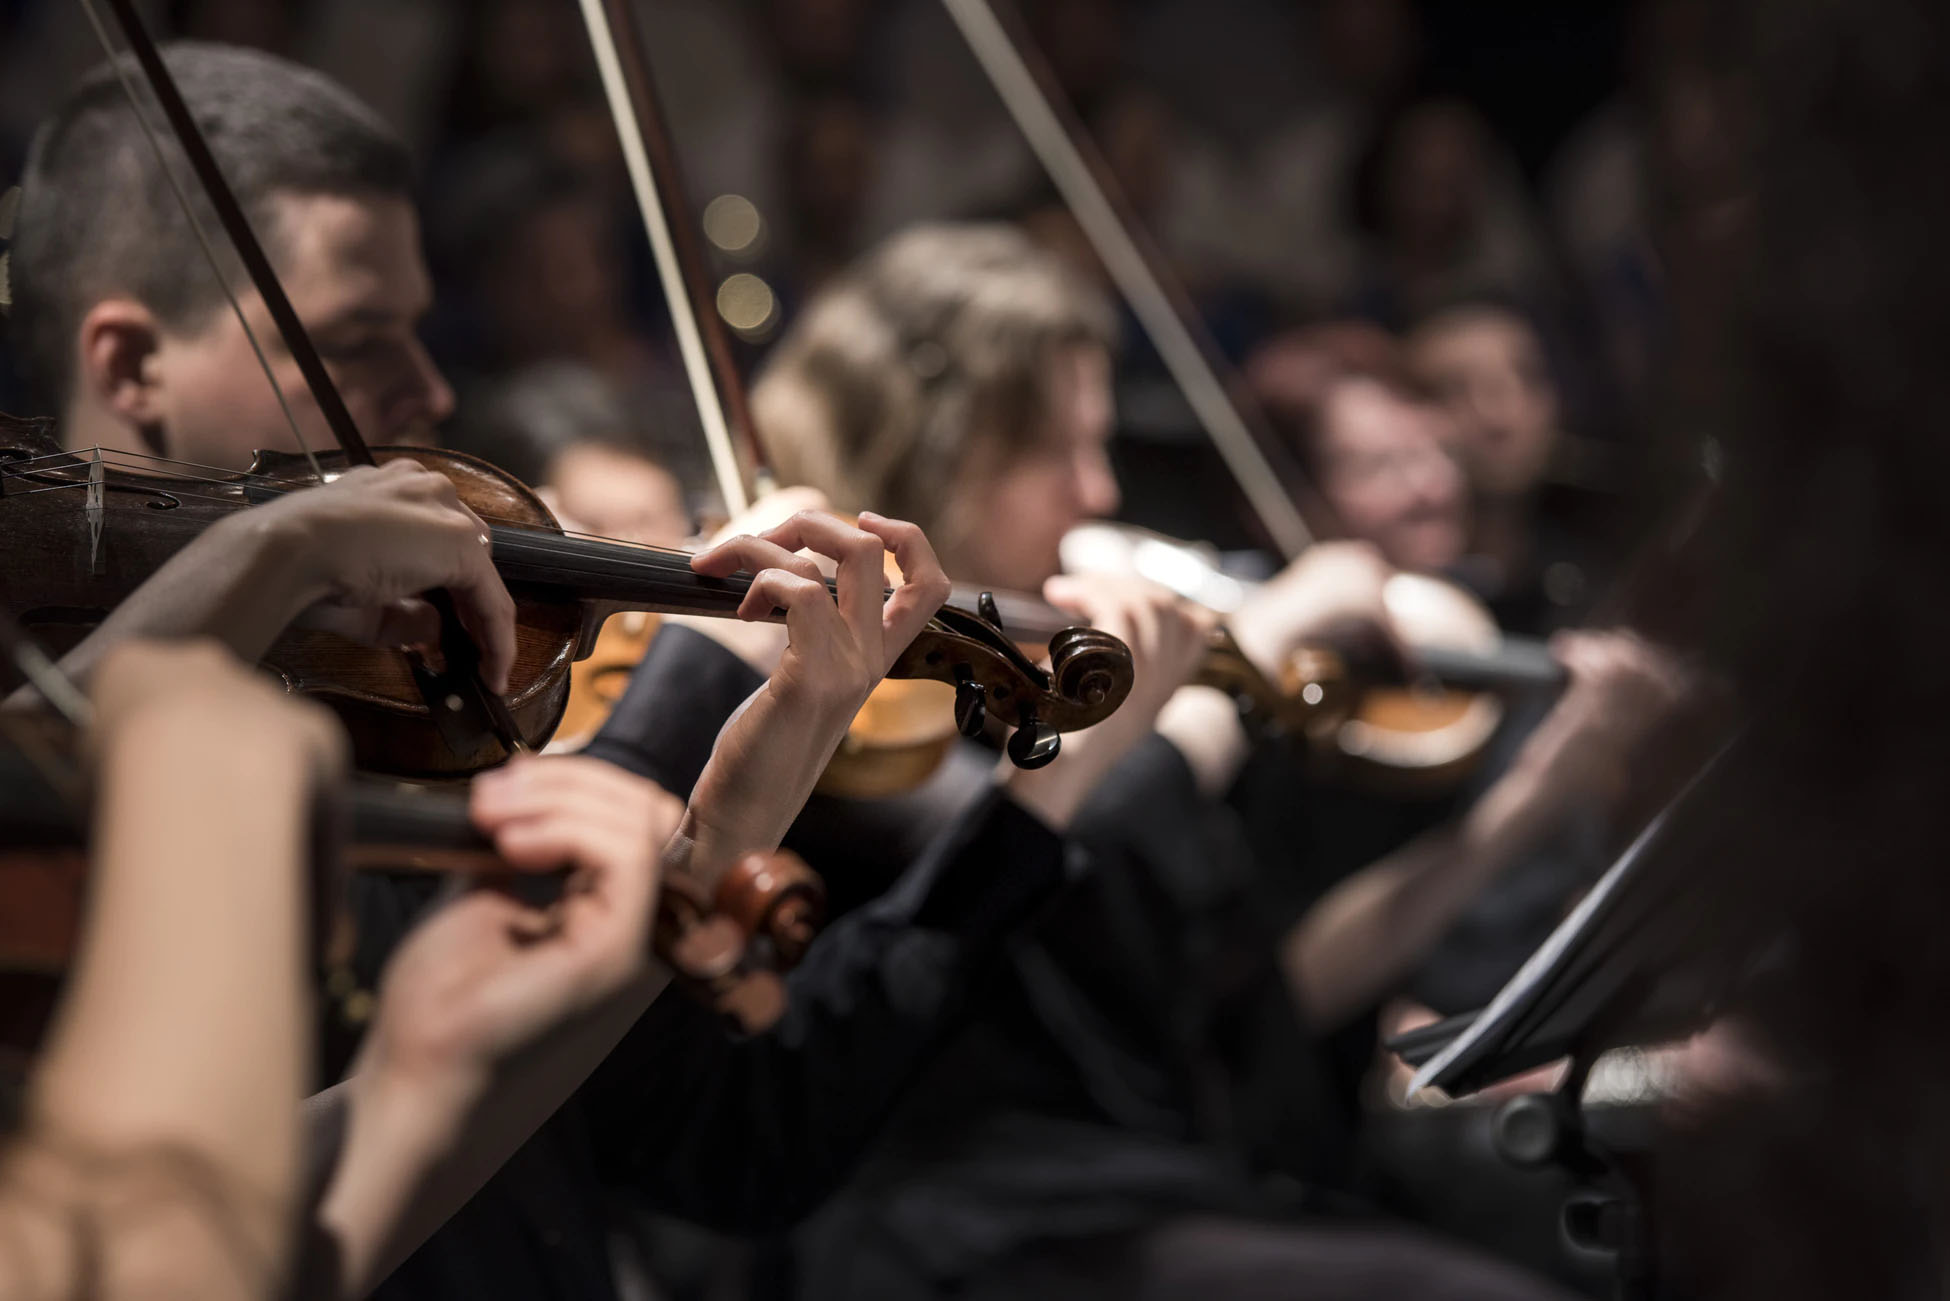 Cello festival Viva Cello dedicated to Rostropovich and Boccherini